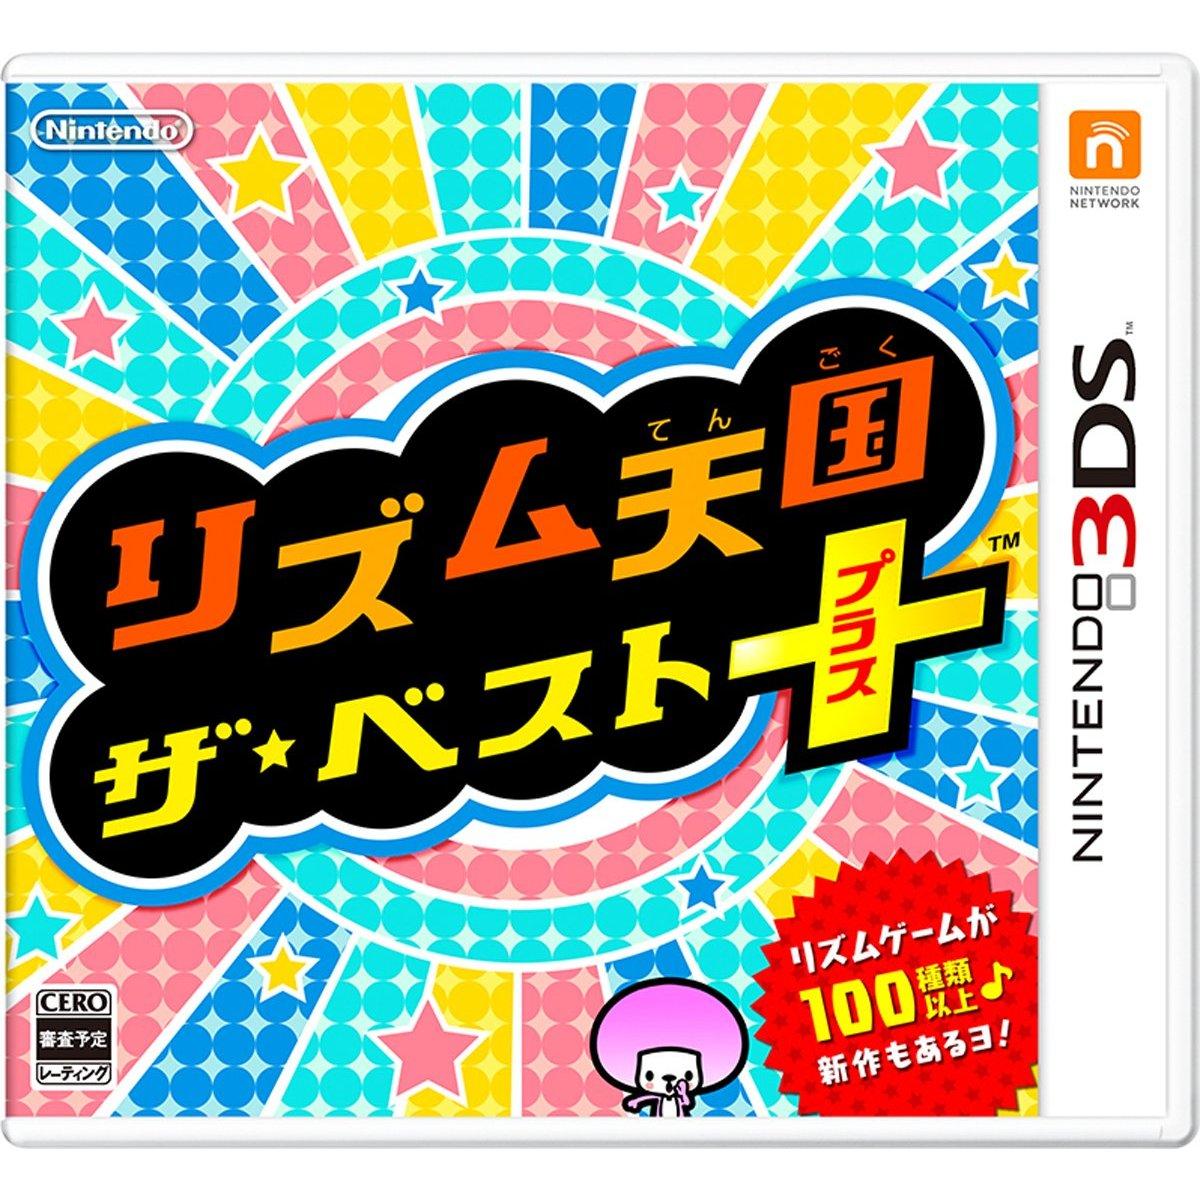 現貨供應中  日規主機專用  [普通級] 3DS 節奏天國 The Best+